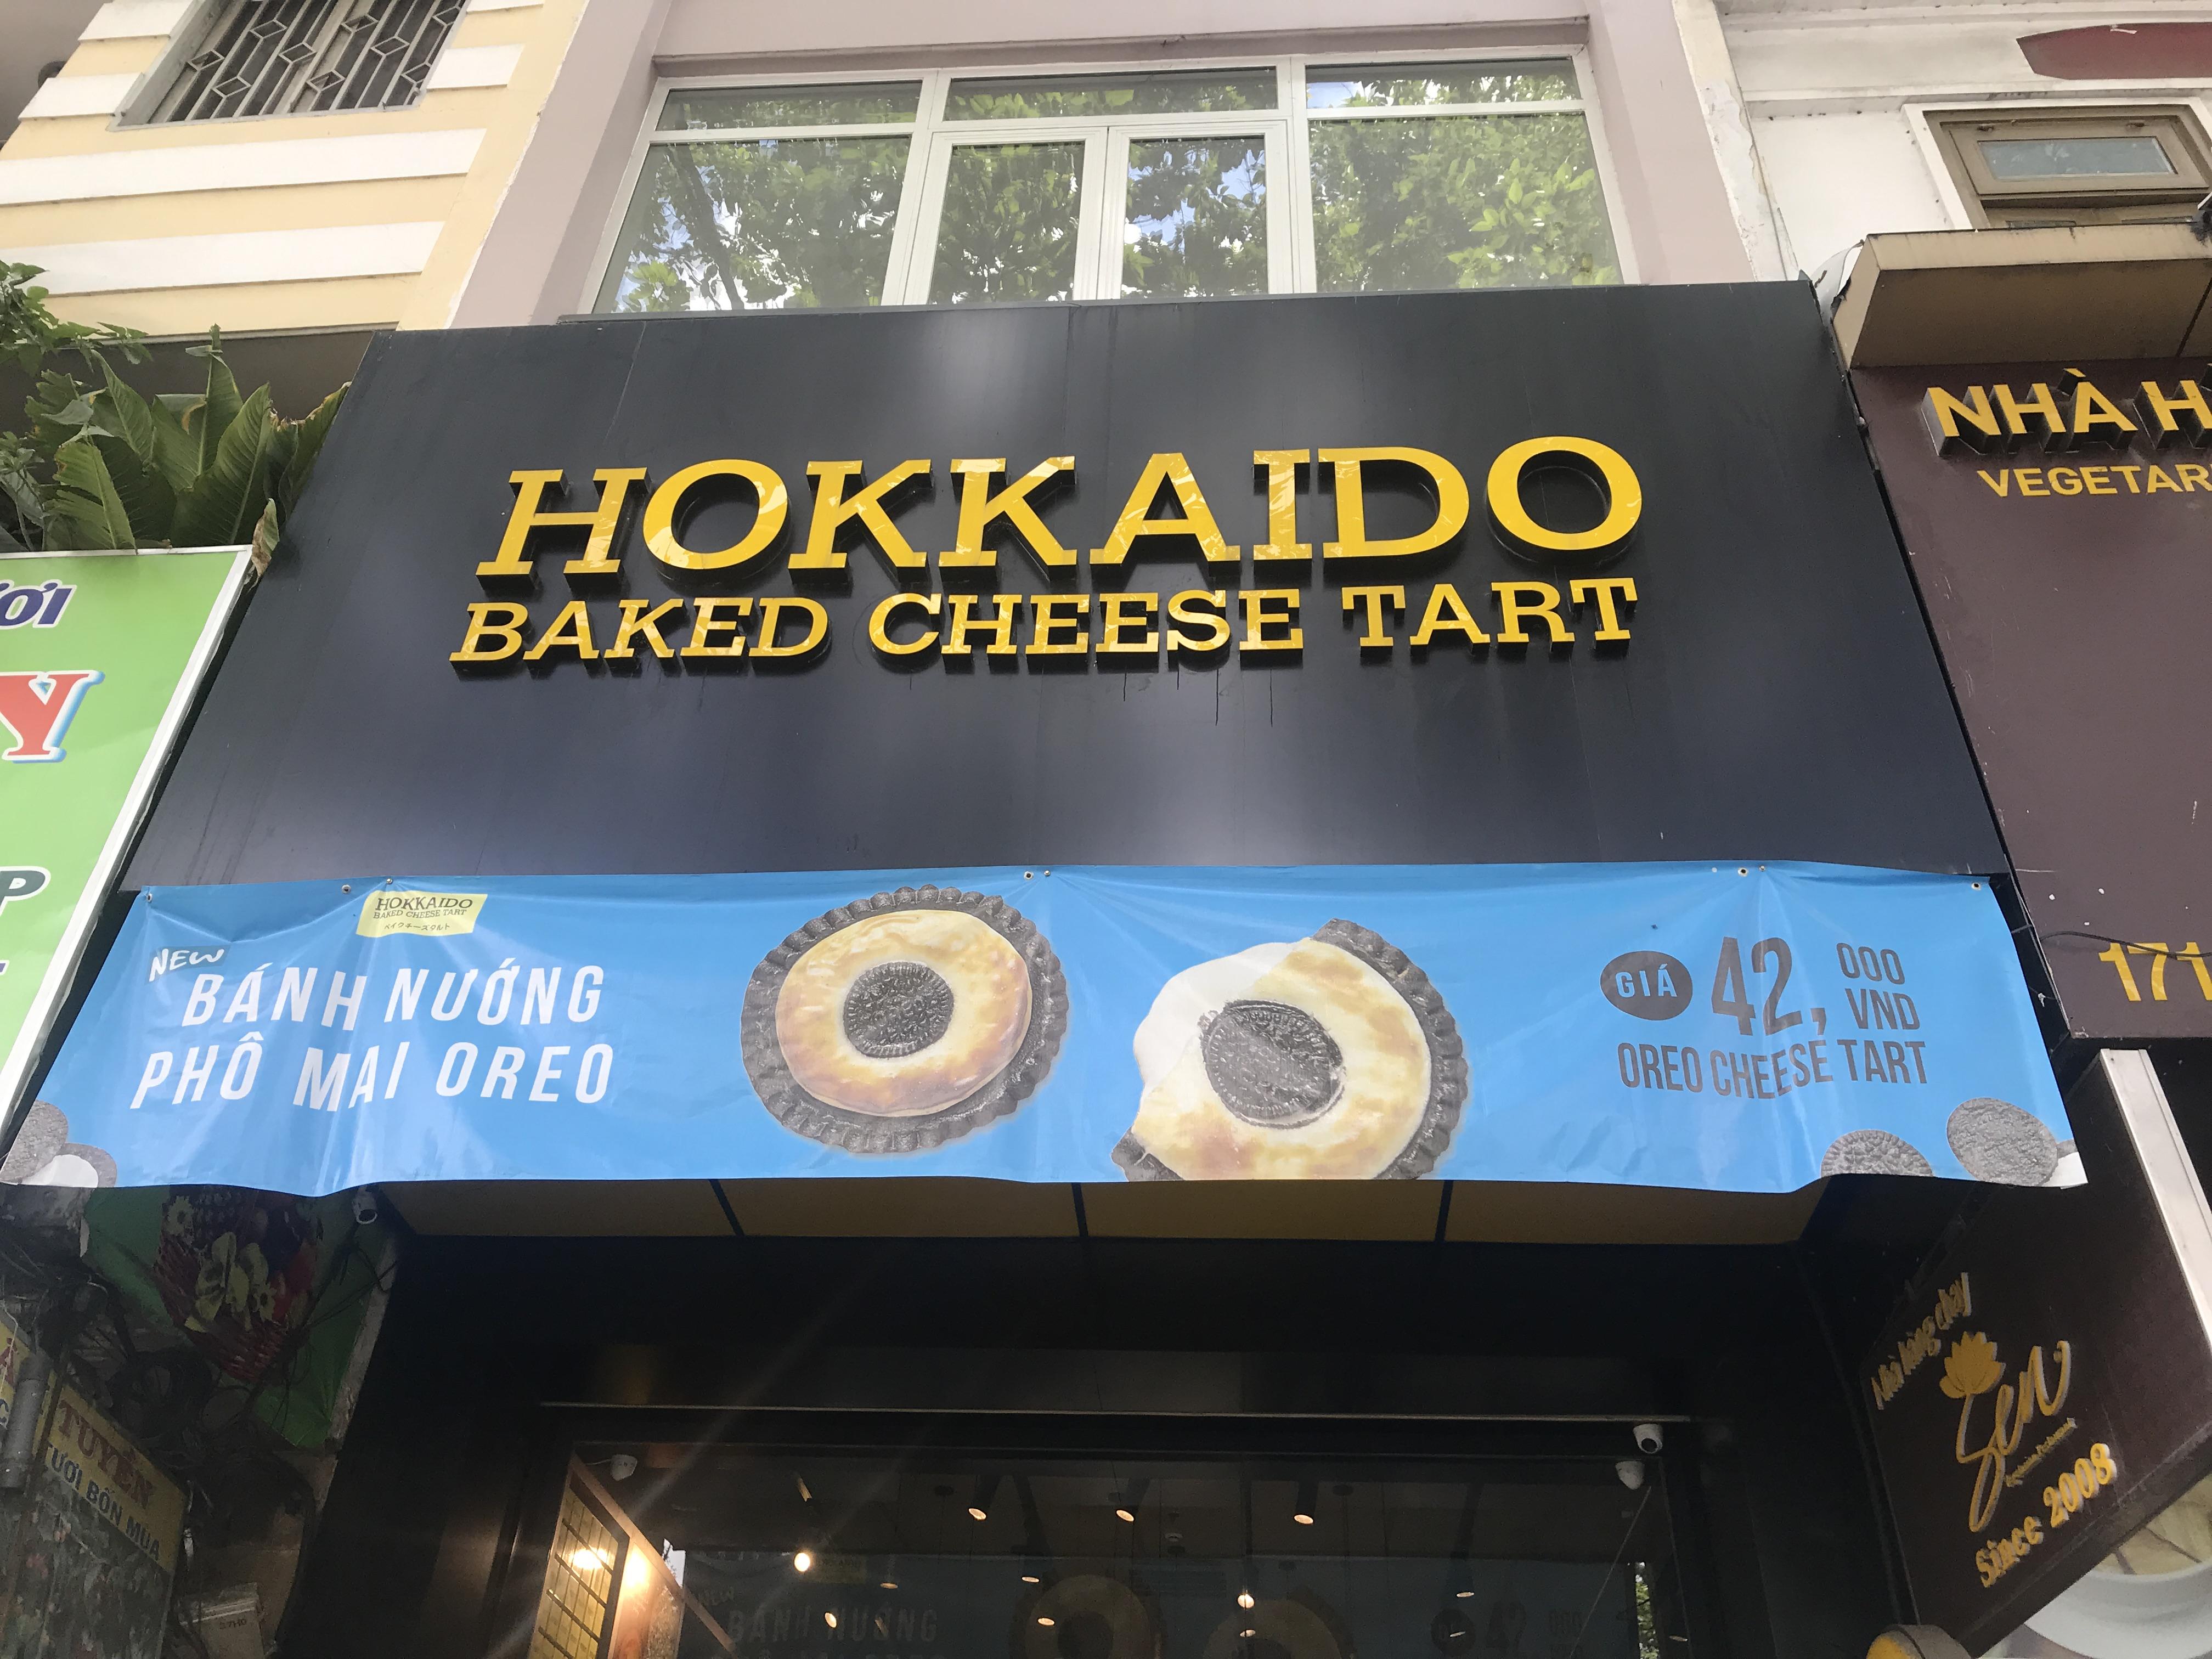 マレーシア発祥「HOKKAIDO BAKED CHEESE TART」がベトナムに進出